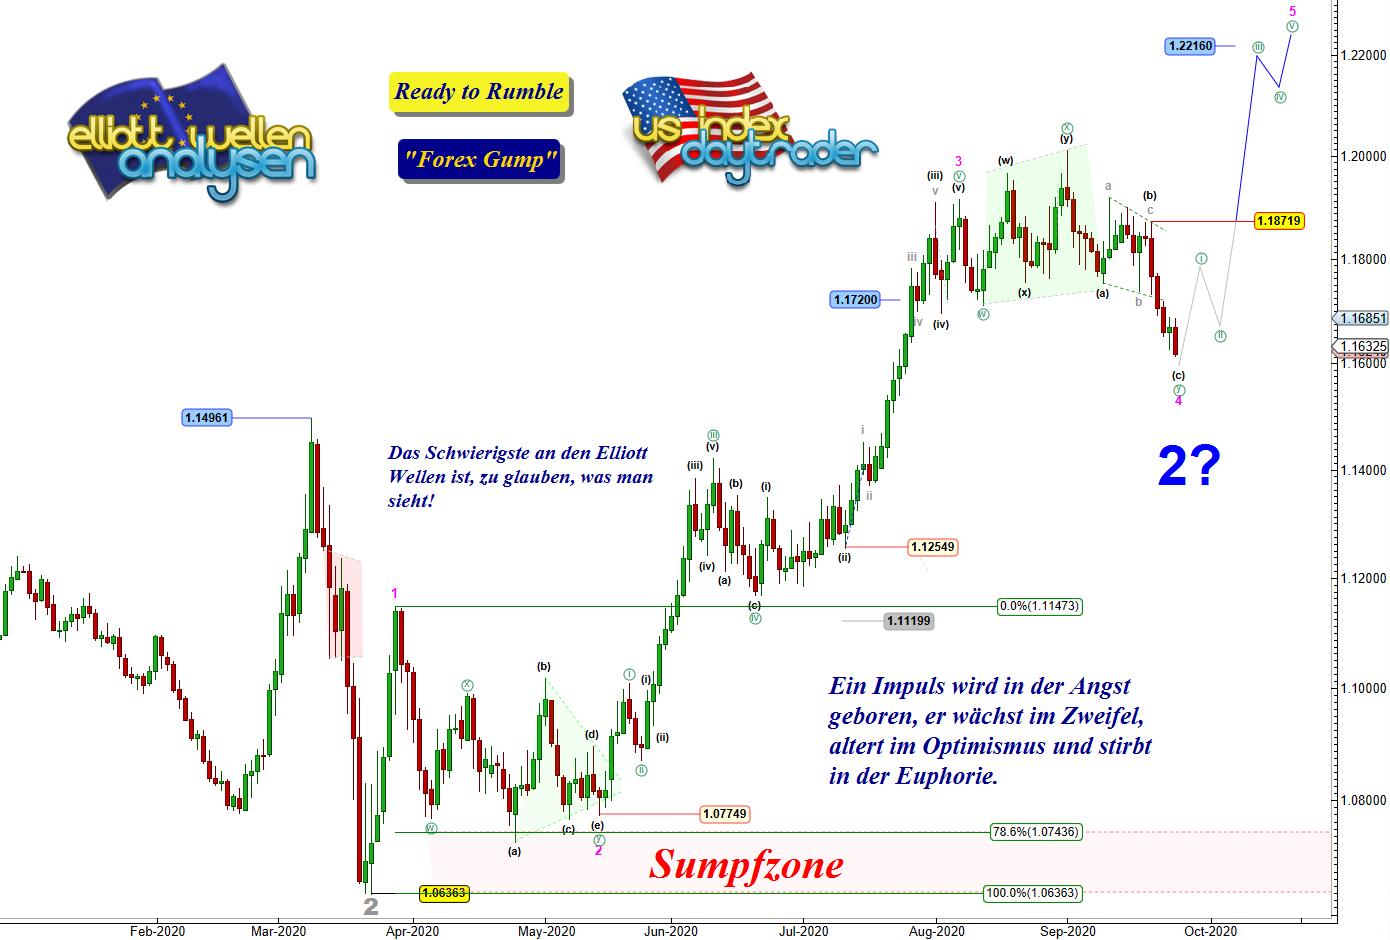 EW-Analyse-EUR-USD-Die-große-Elliott-Wellen-Reihe-als-Mitschnitt-Teil-1-Chartanalyse-André-Tiedje-GodmodeTrader.de-1